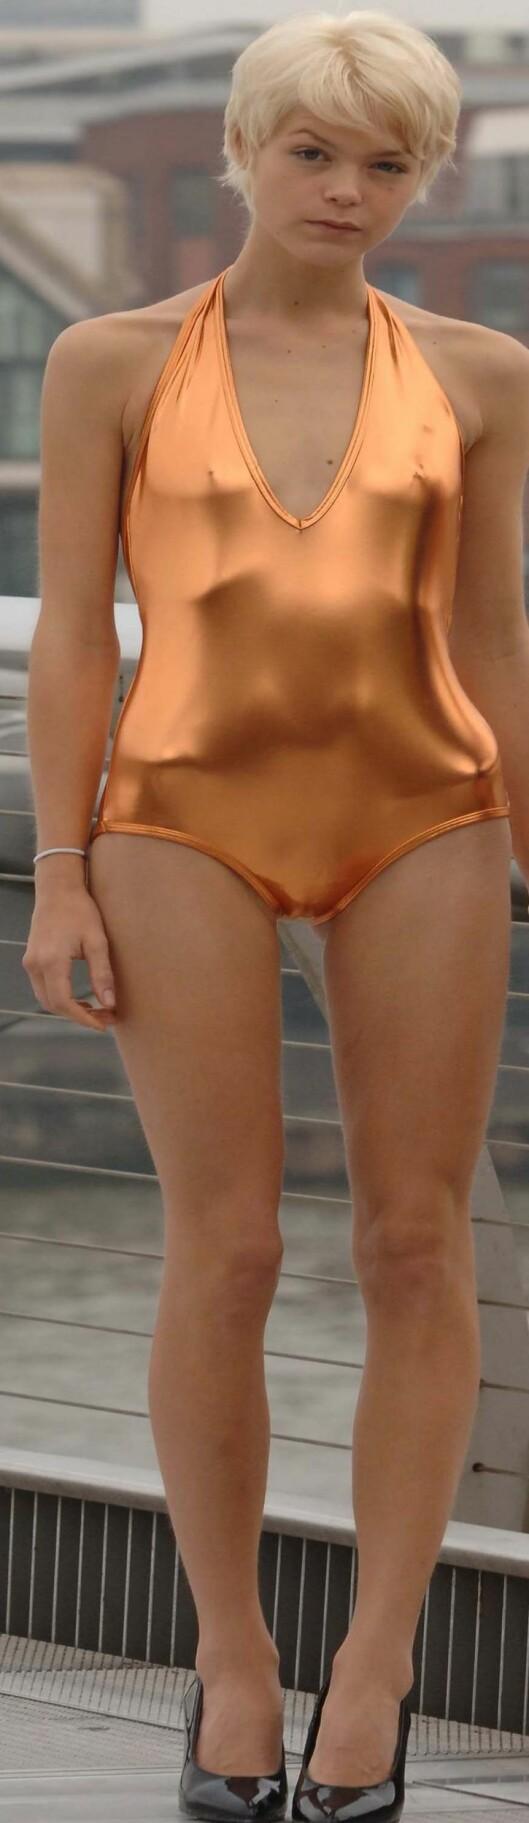 Supermodellen Marianne Berglund har en BMI på 16,1, hvilket regnes for å være sterkt undervektig.